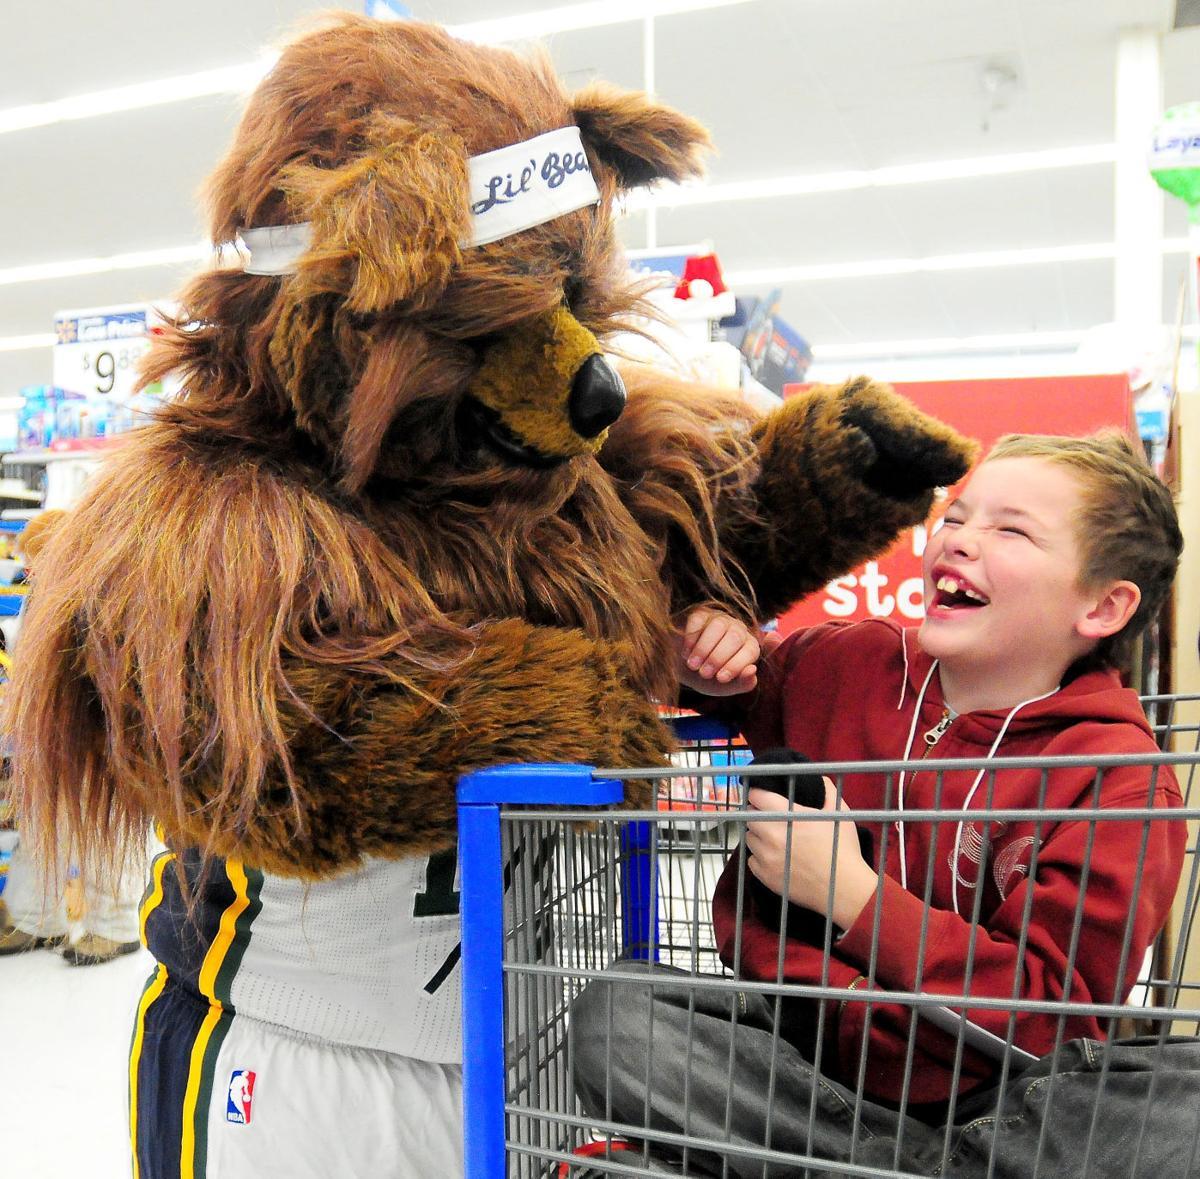 Big Bear Christmas.A Big Bear Hug Local Children Shop For Christmas The